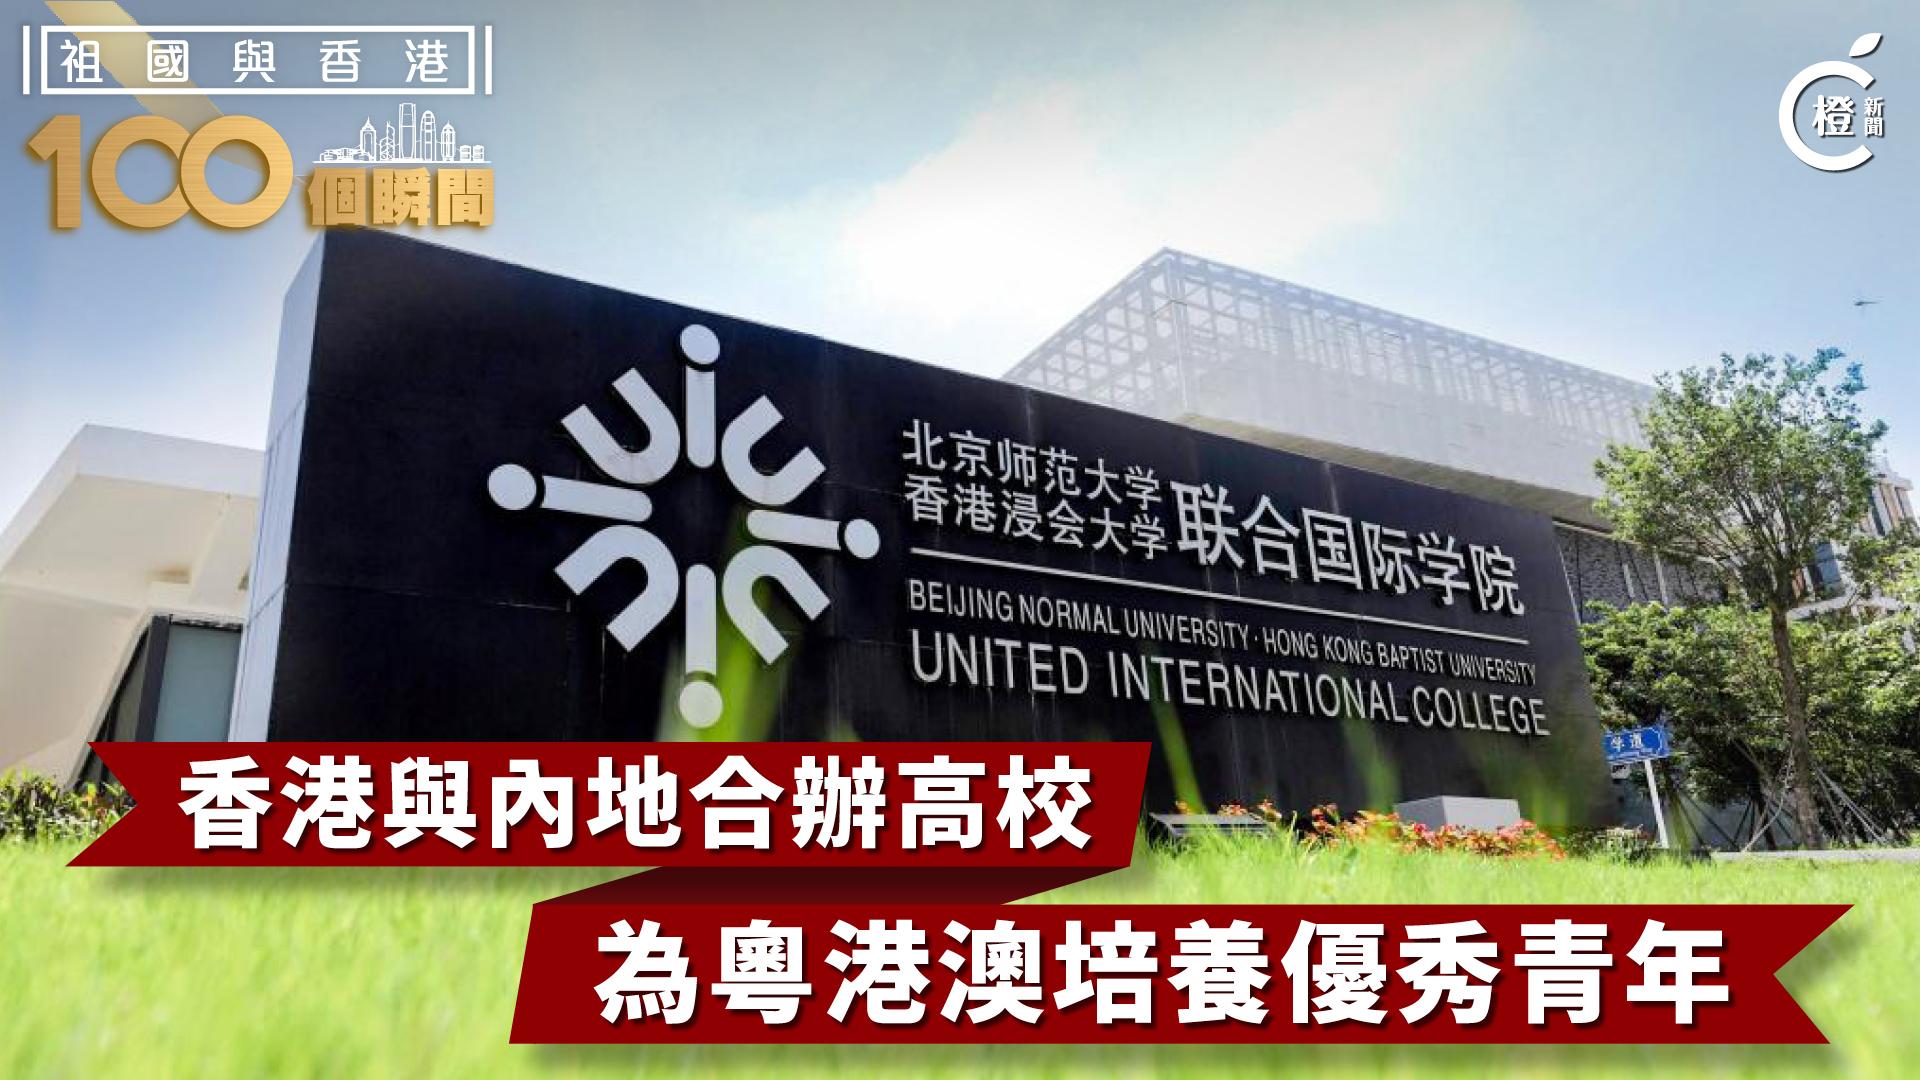 【祖國與香港100個瞬間】香港與內地合辦高校 為粵港澳培養青年人才